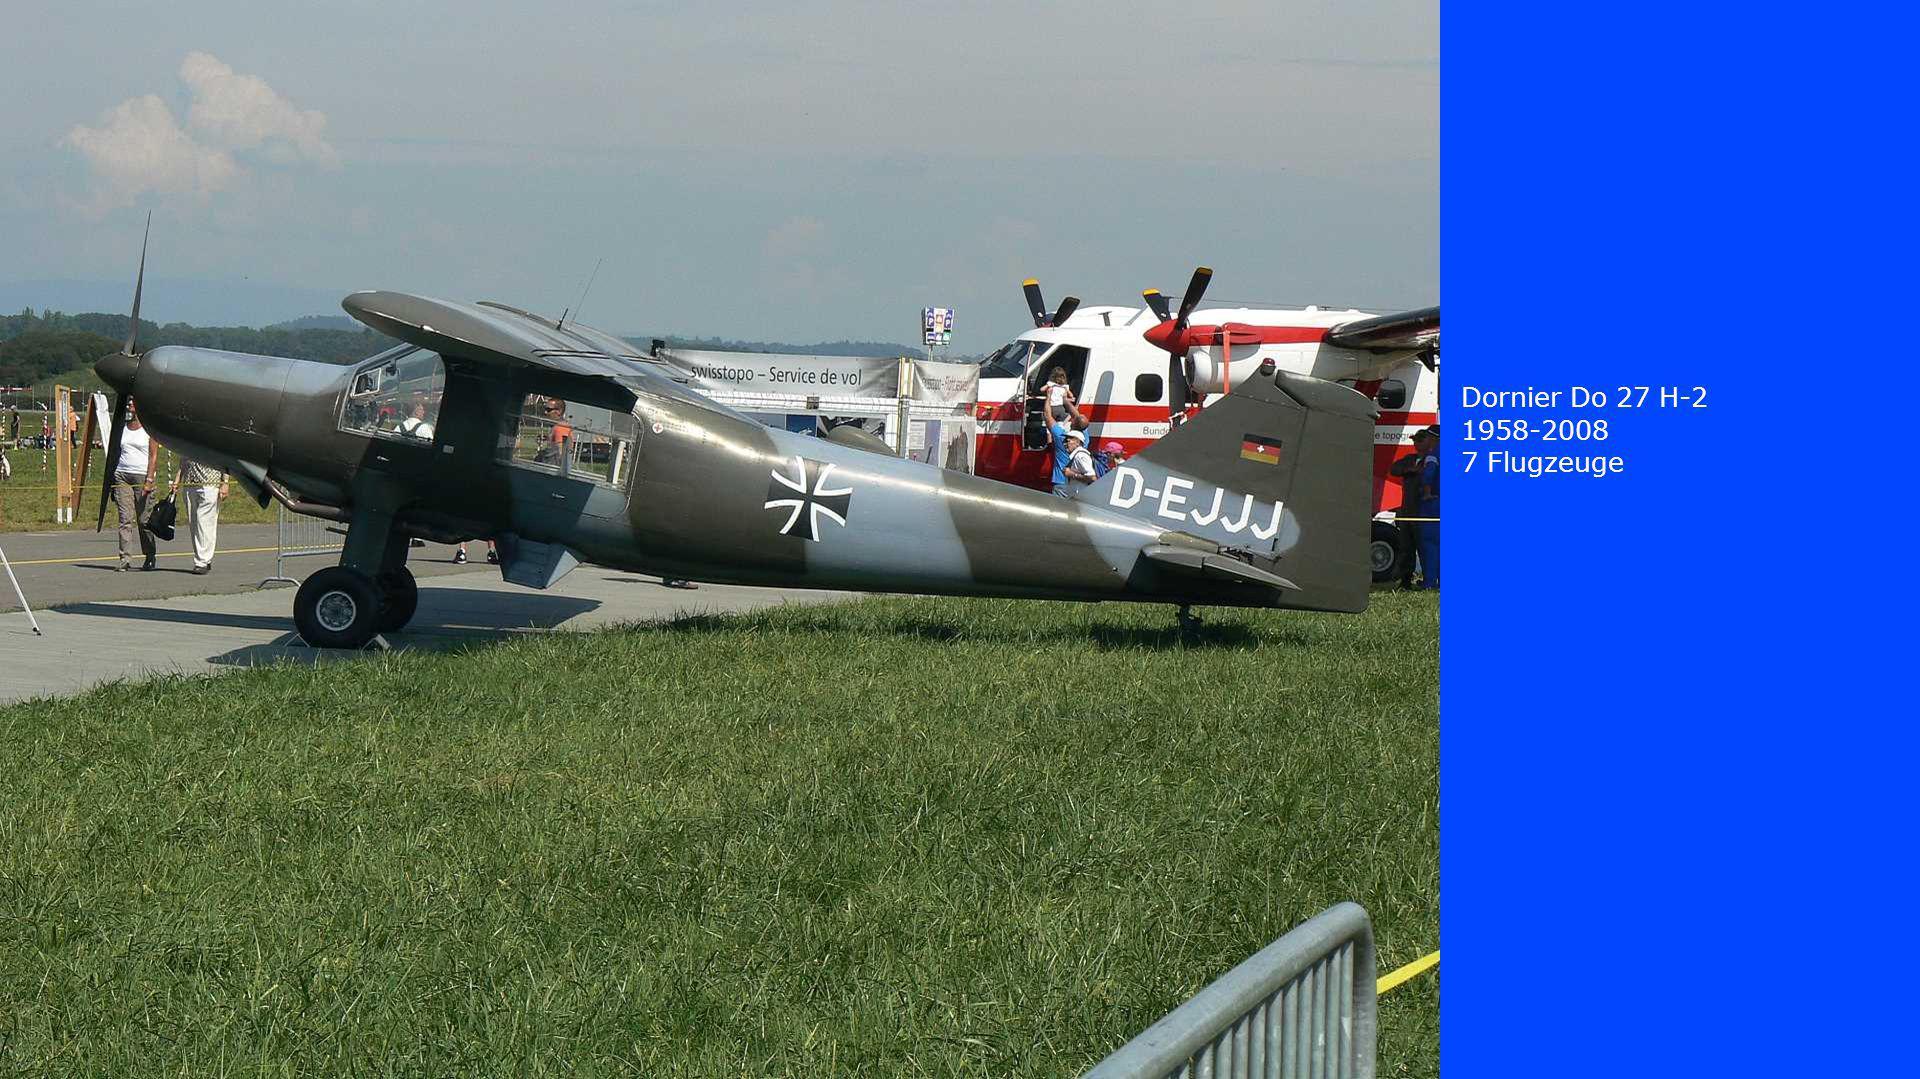 Dornier Do 27 H-2 1958-2008 7 Flugzeuge